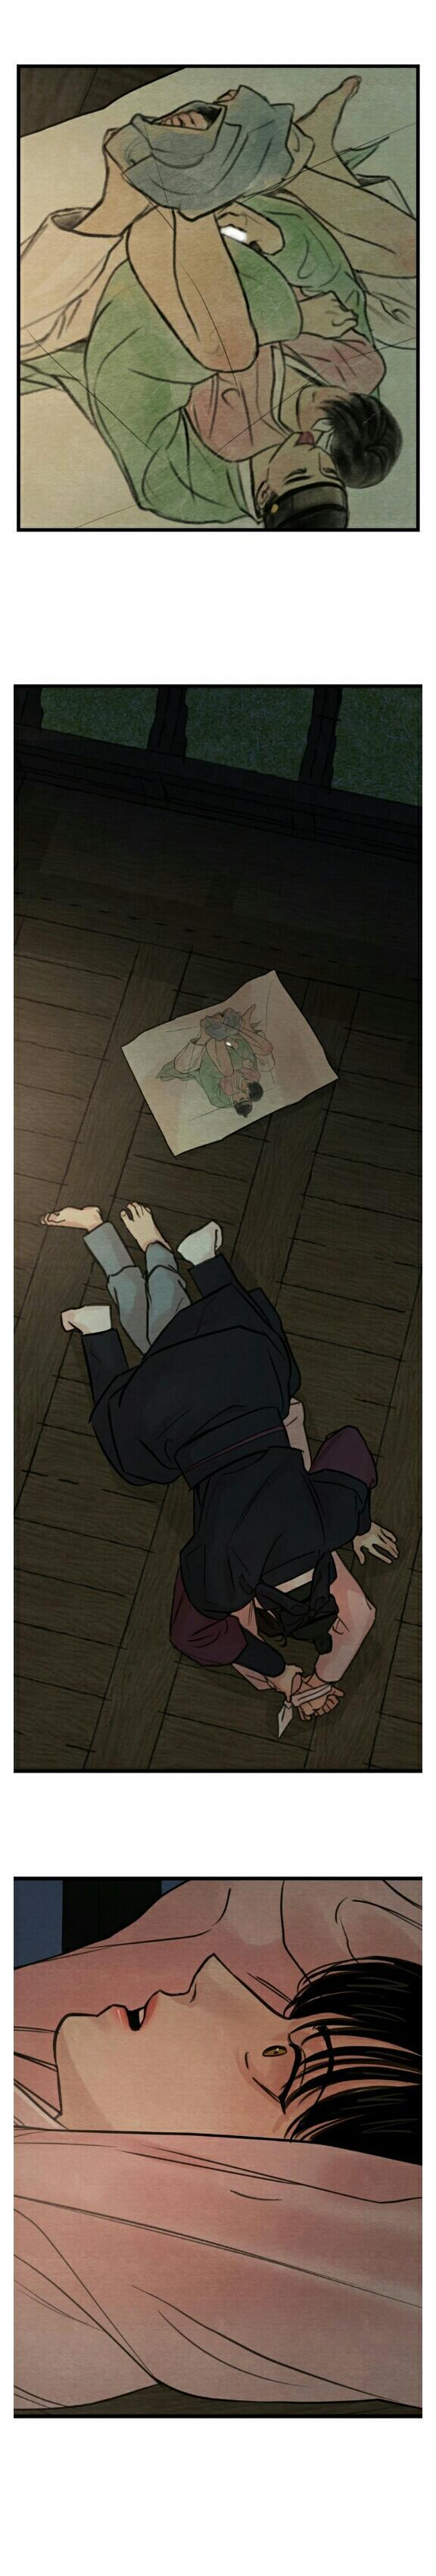 https://manga.mangadogs.com/comics/pic2/60/29436/1019688/2a845b3e91df58cd29f565345c31d49a.jpg Page 1